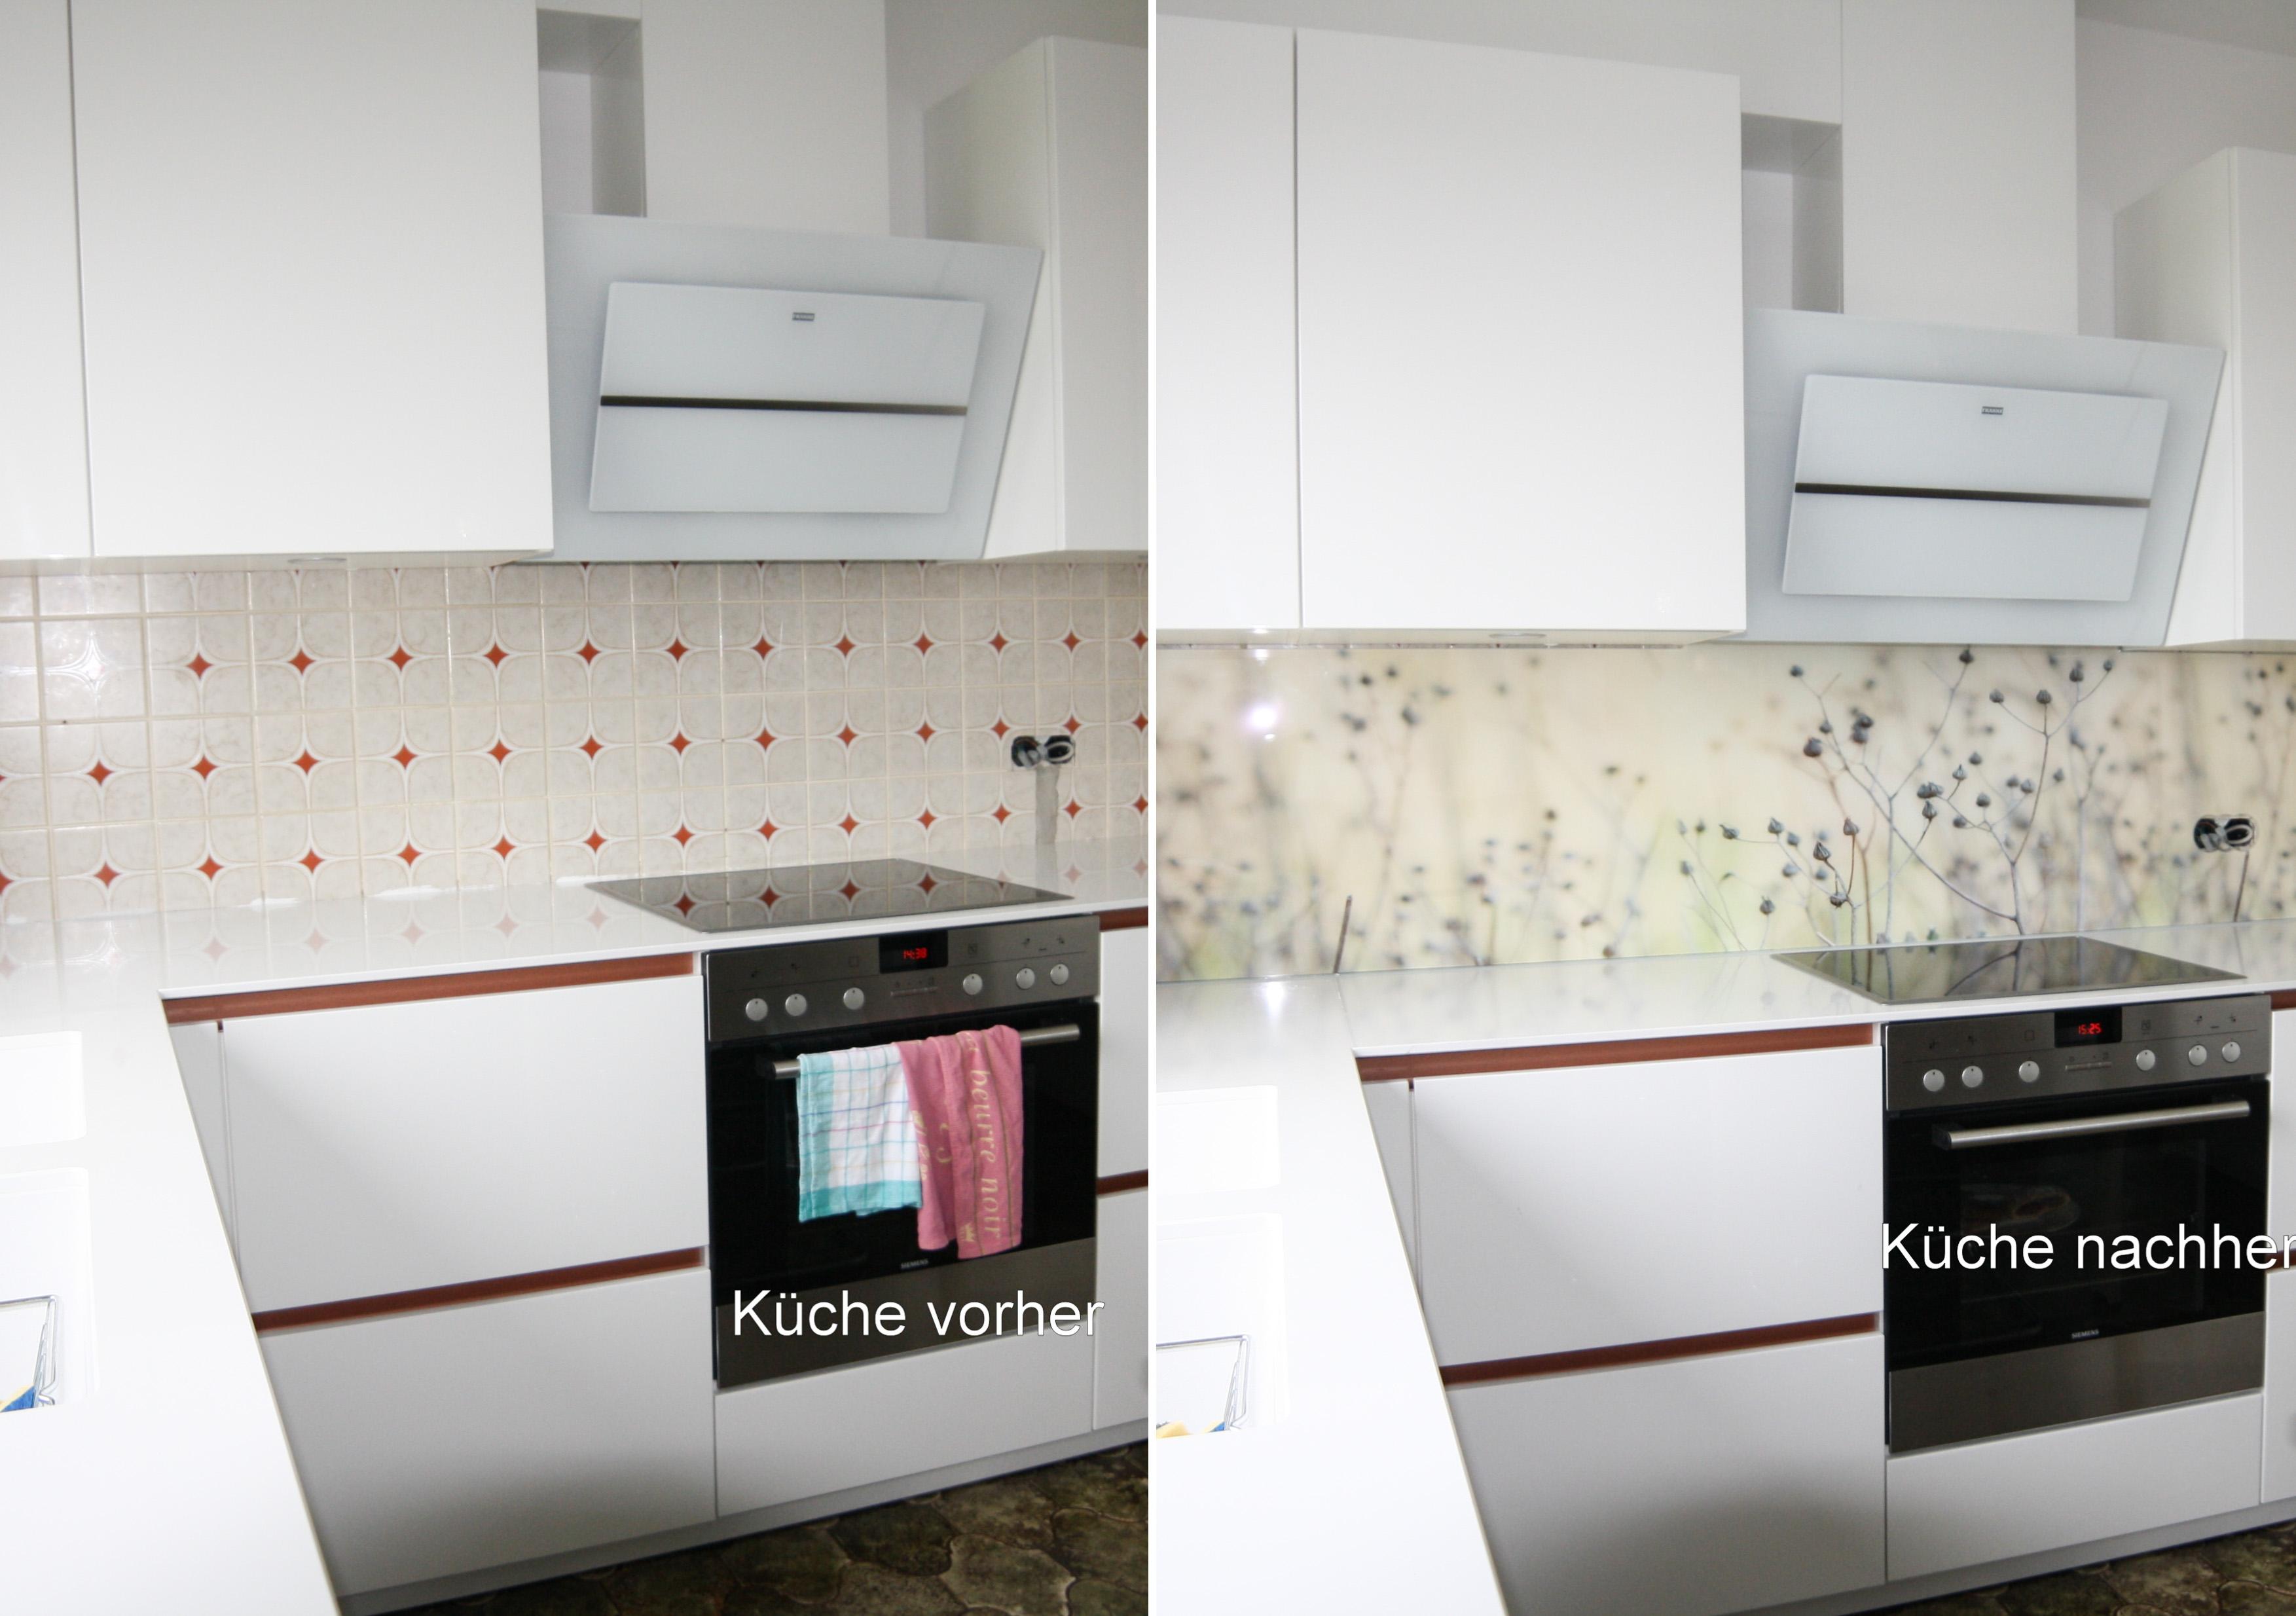 Küchenrückwände – Glas Schuhmann